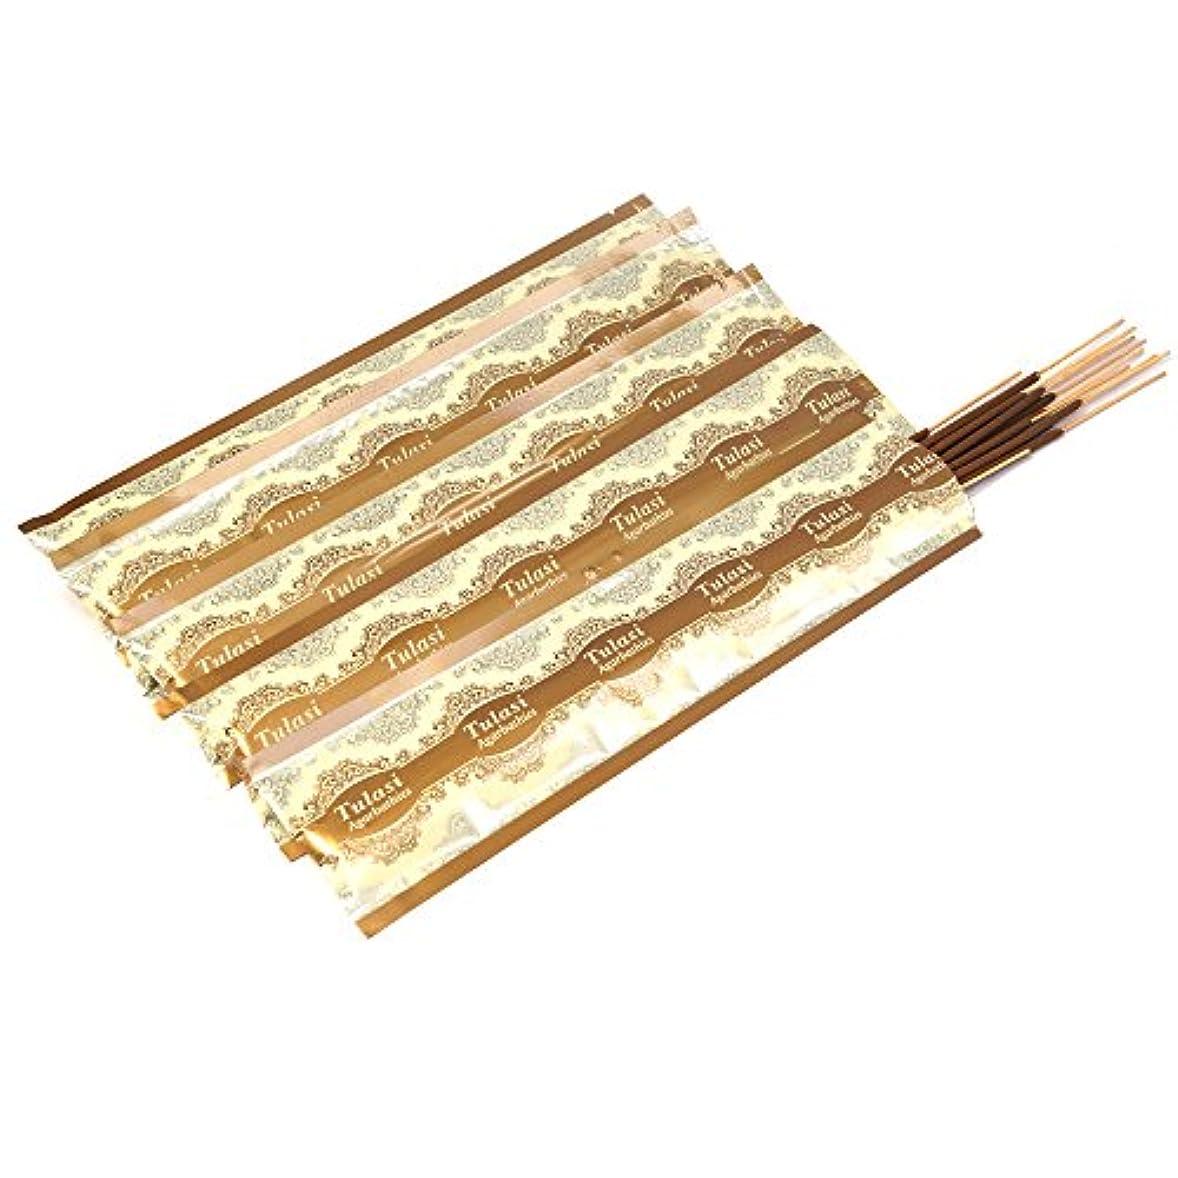 比率ご注意区別Free Nag Champa variety Gift Pack in Herbal TreatジャンボAgarbatti   Incense Sticks Set of 15 Fragrances by Ikshvaku